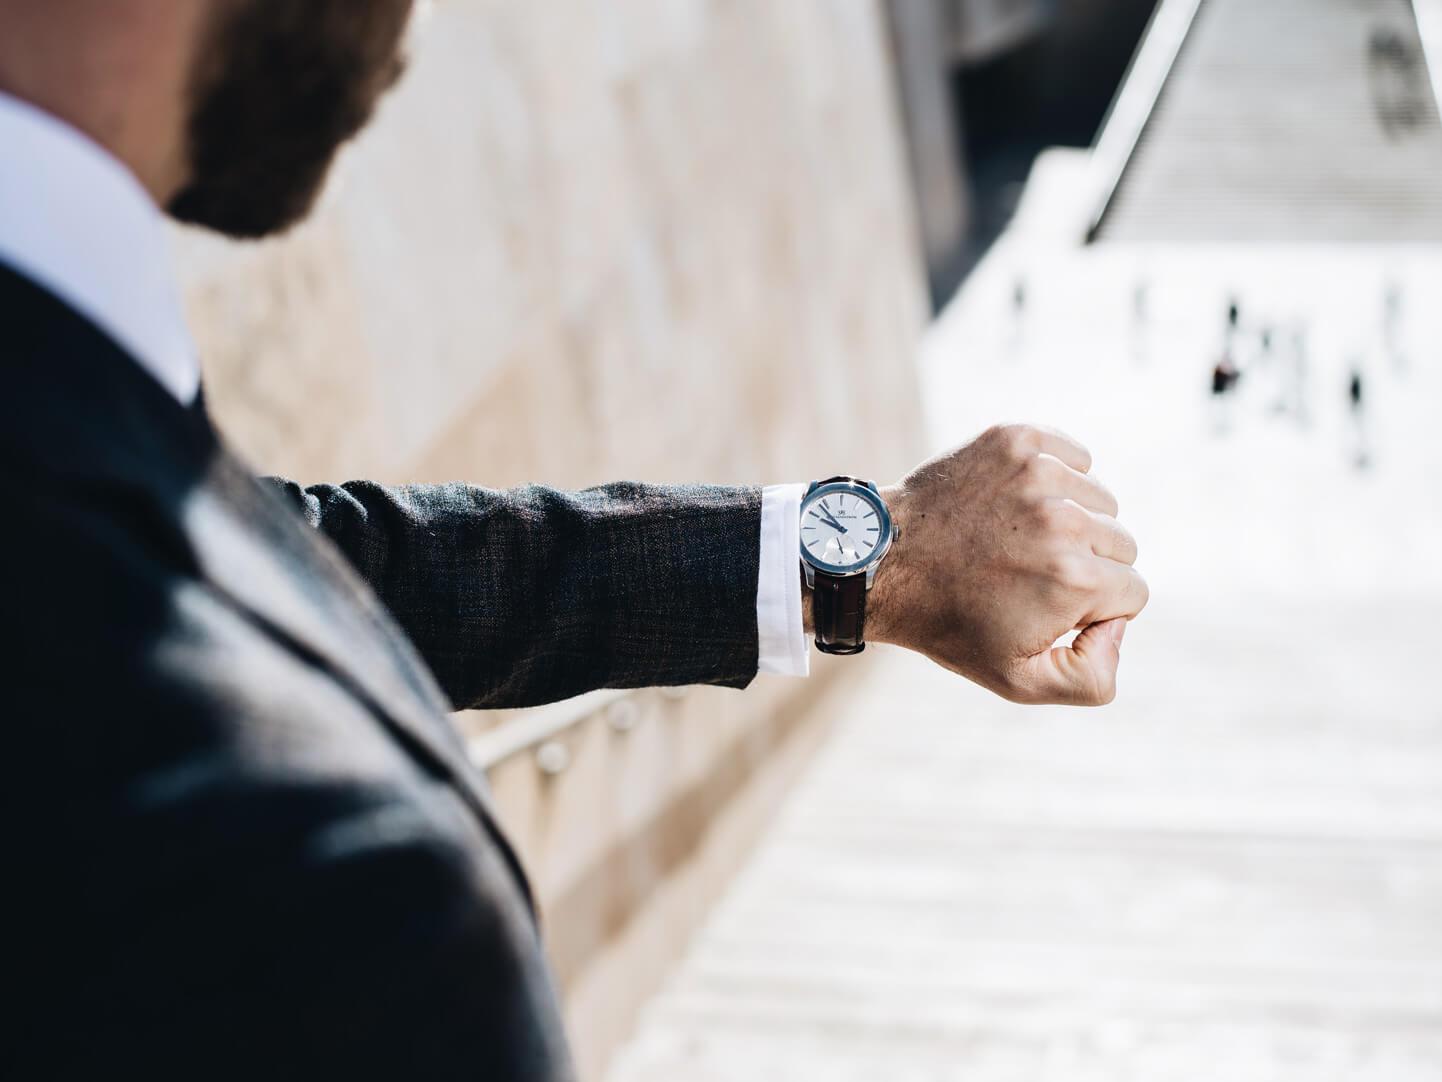 Kjøp klokke online - Ting å tenke på når du kjøper klokke